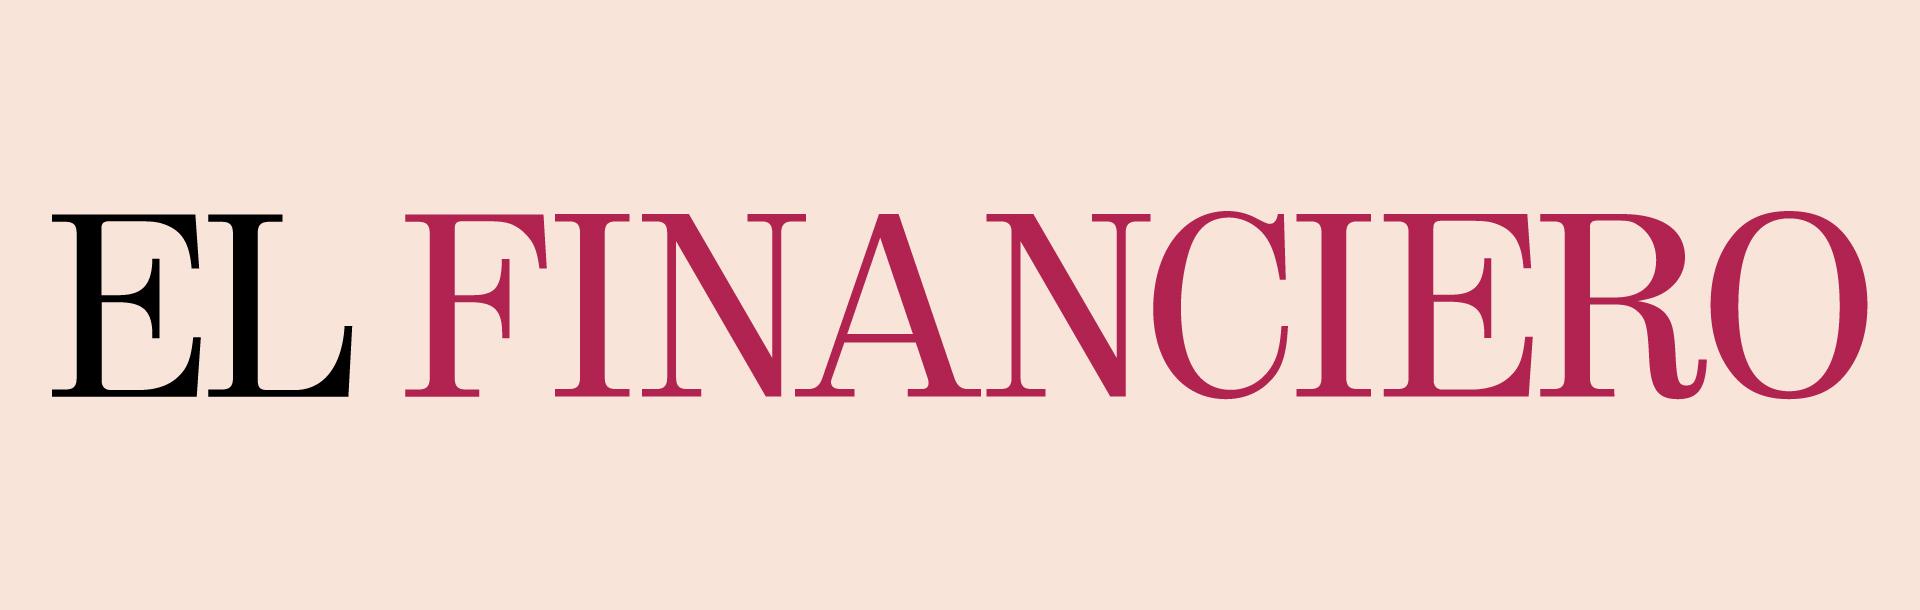 El Financiero Costa Rica Logo